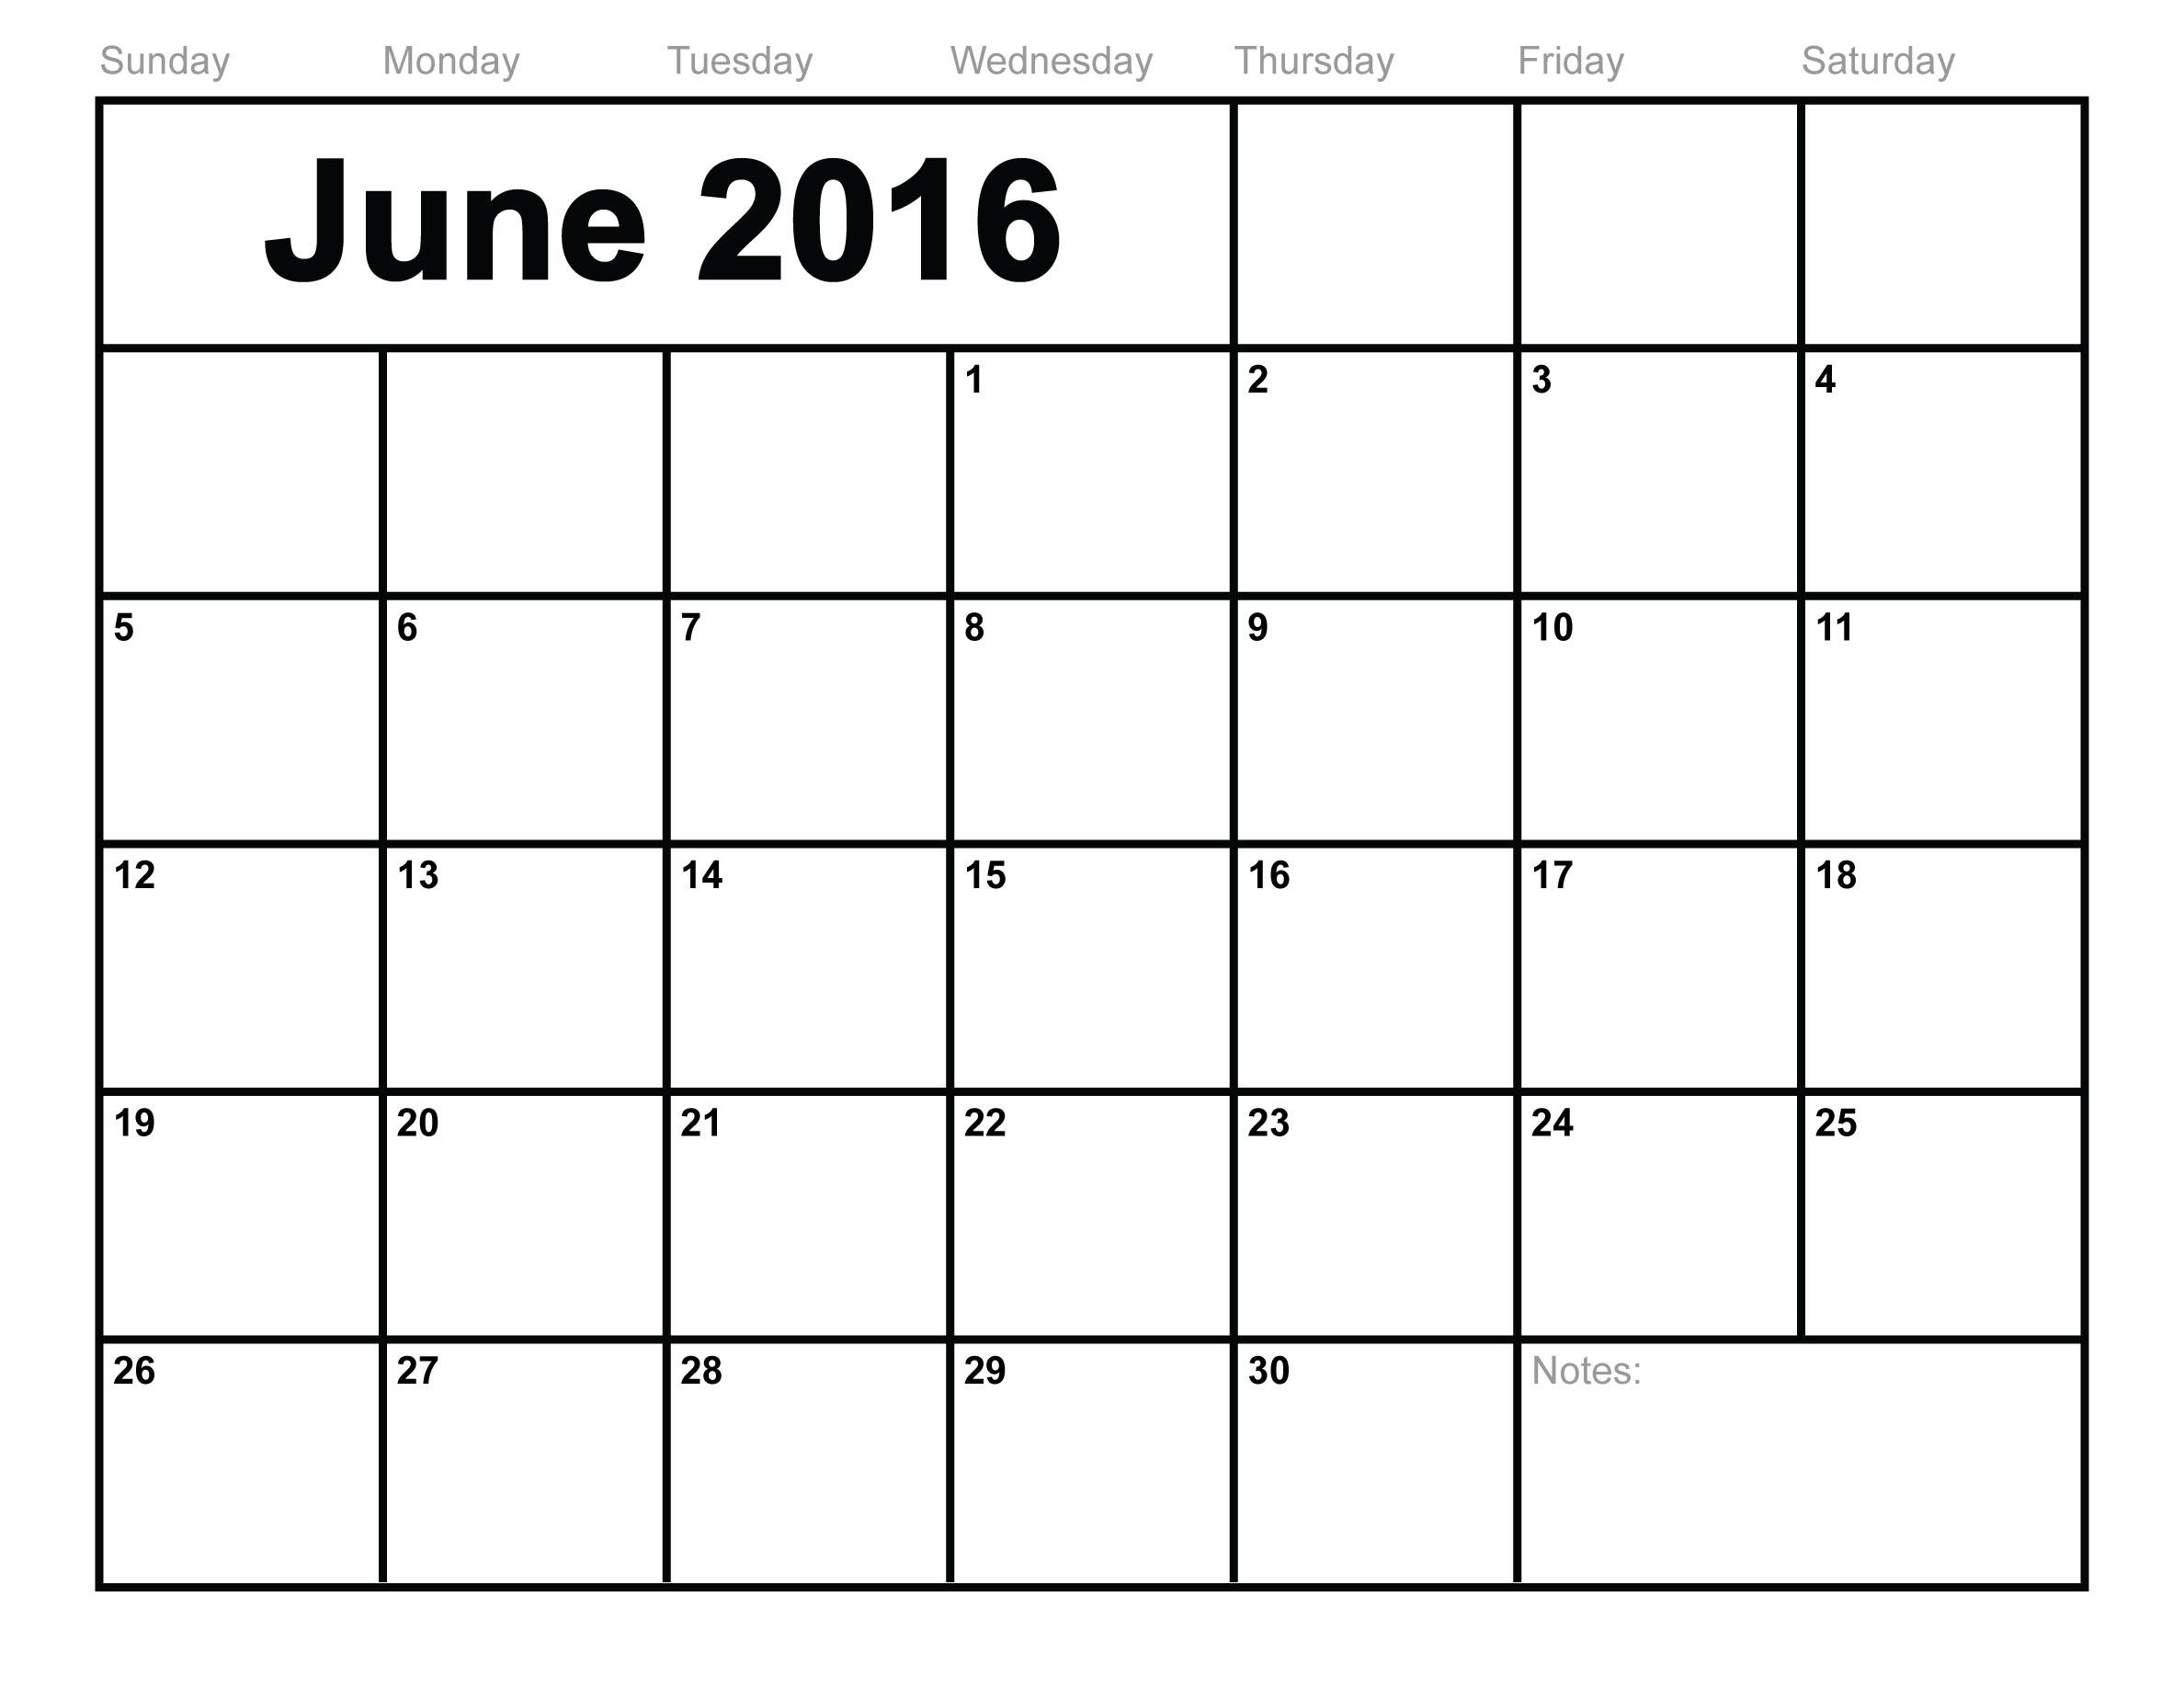 June 2016 calendar clipart.